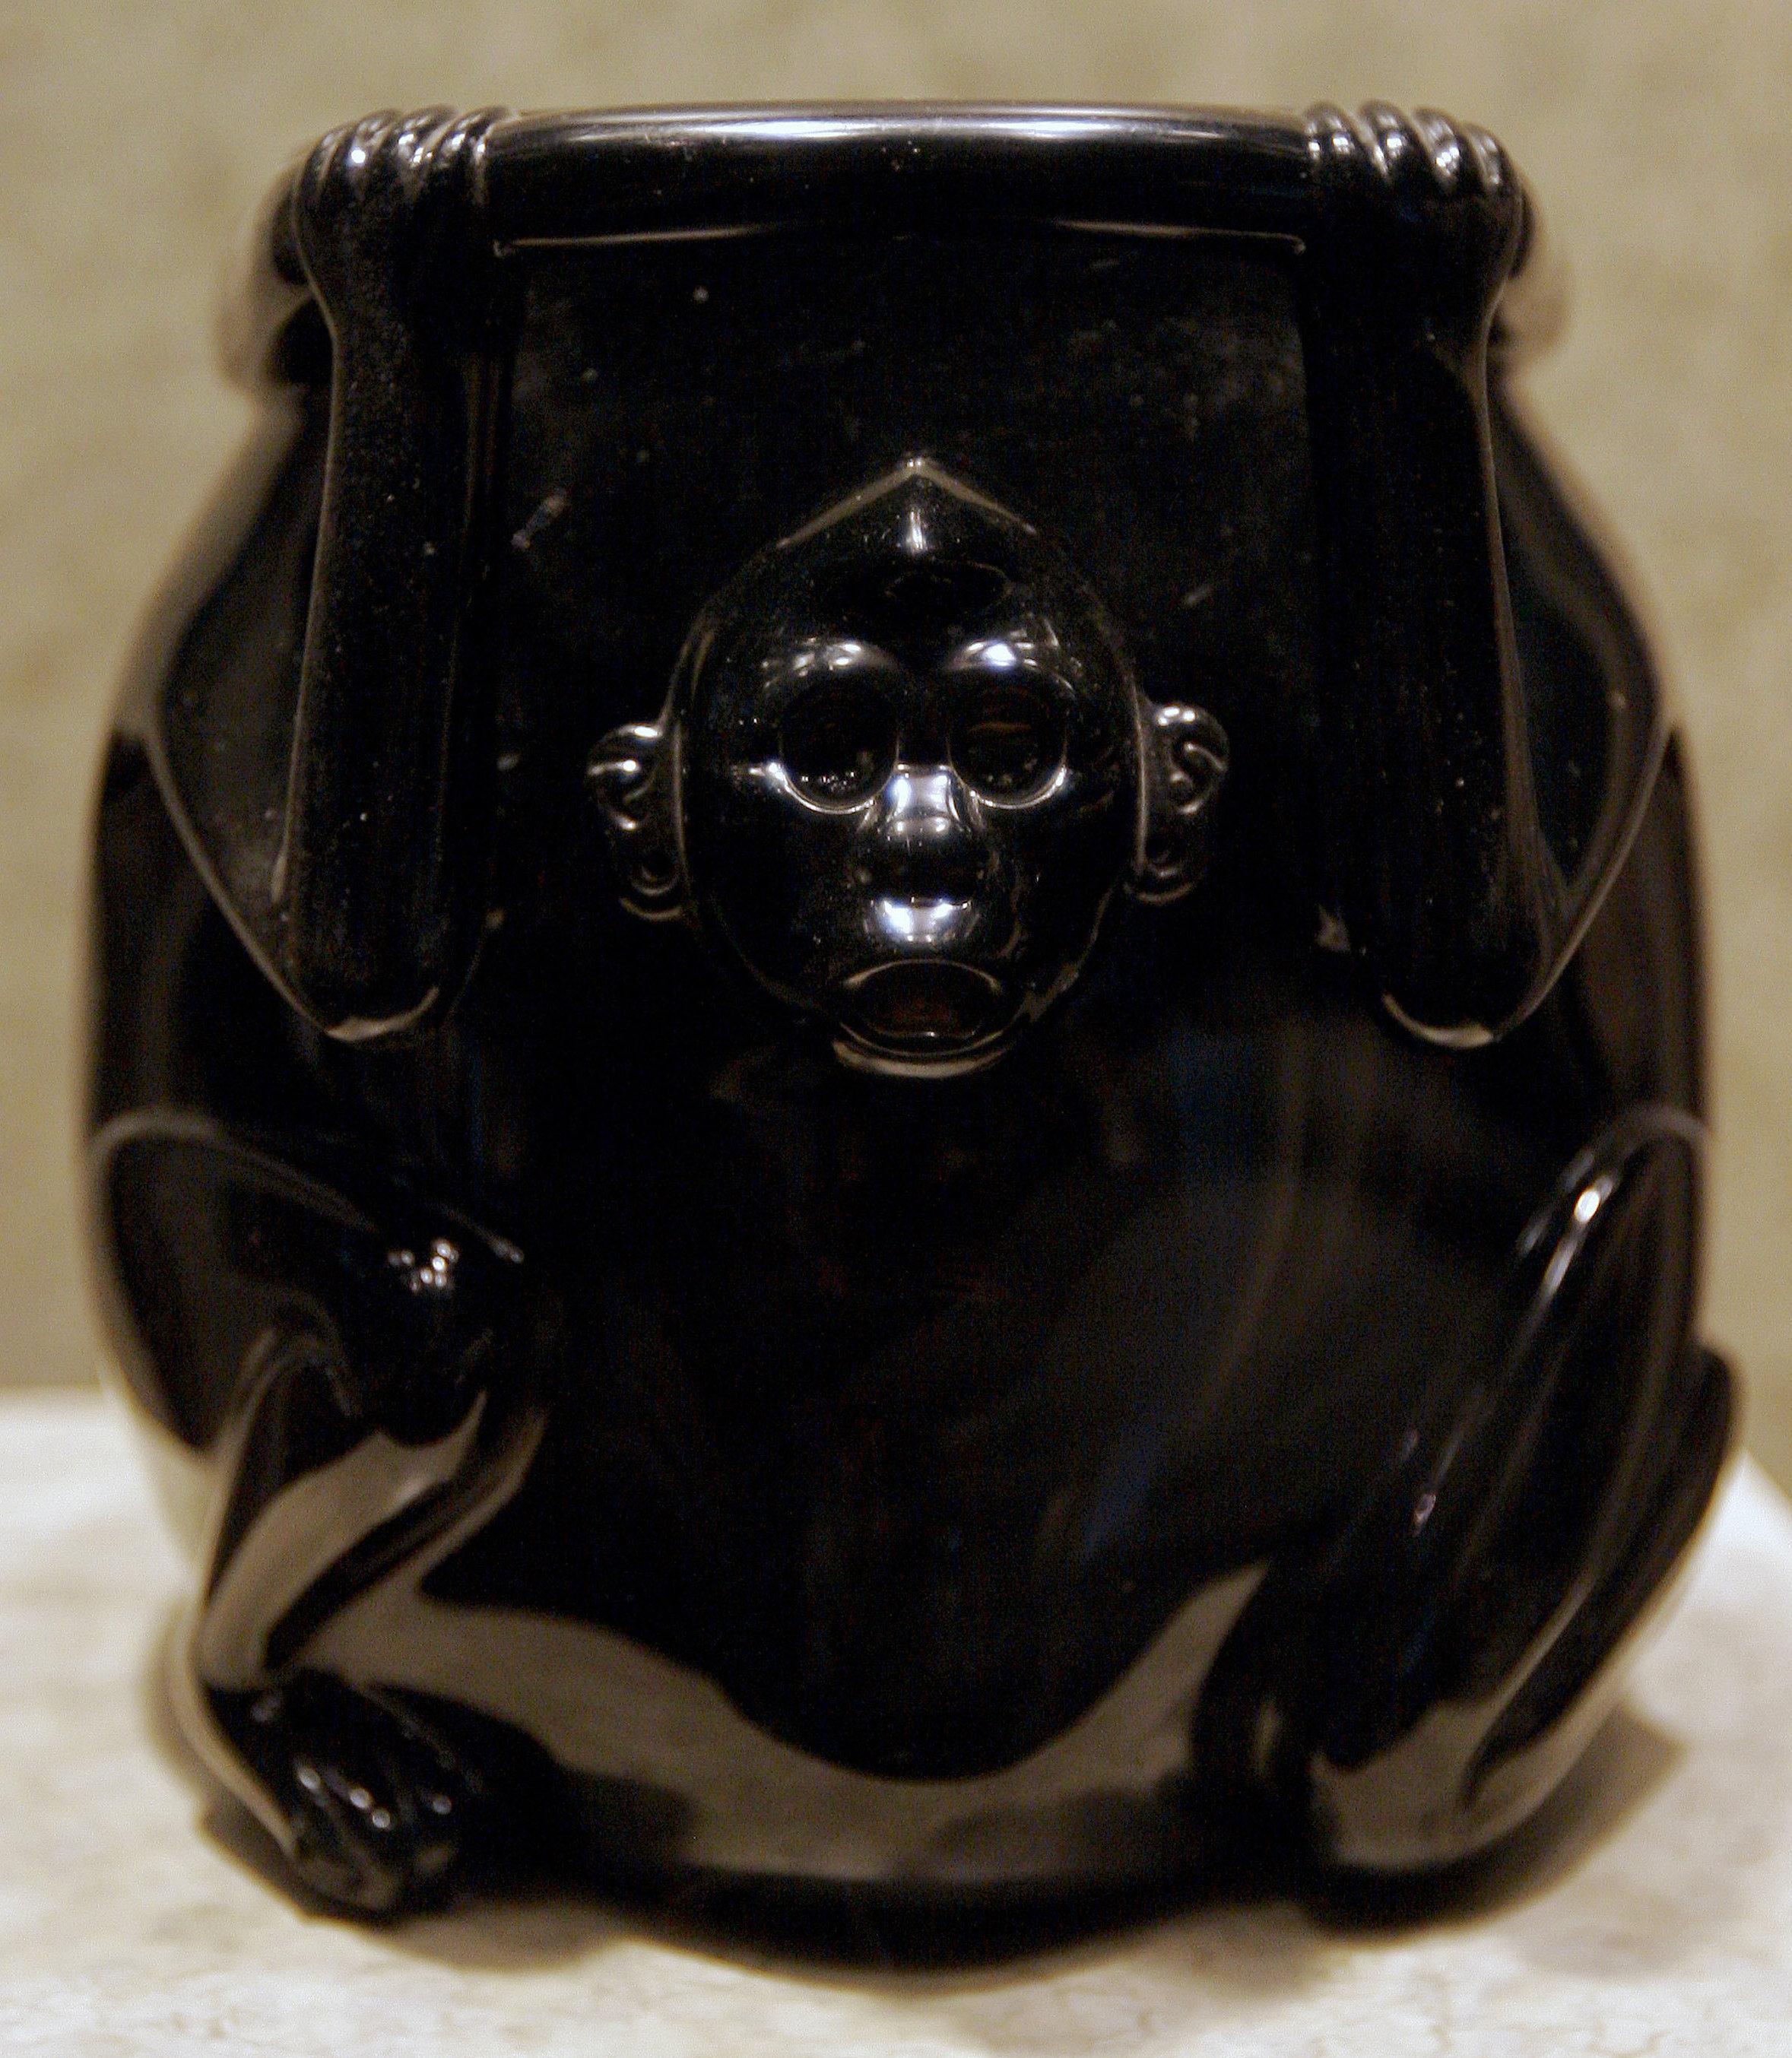 Una vasija ritual de obsidiana en forma de un mono, Museo de Antropología e Historia, México